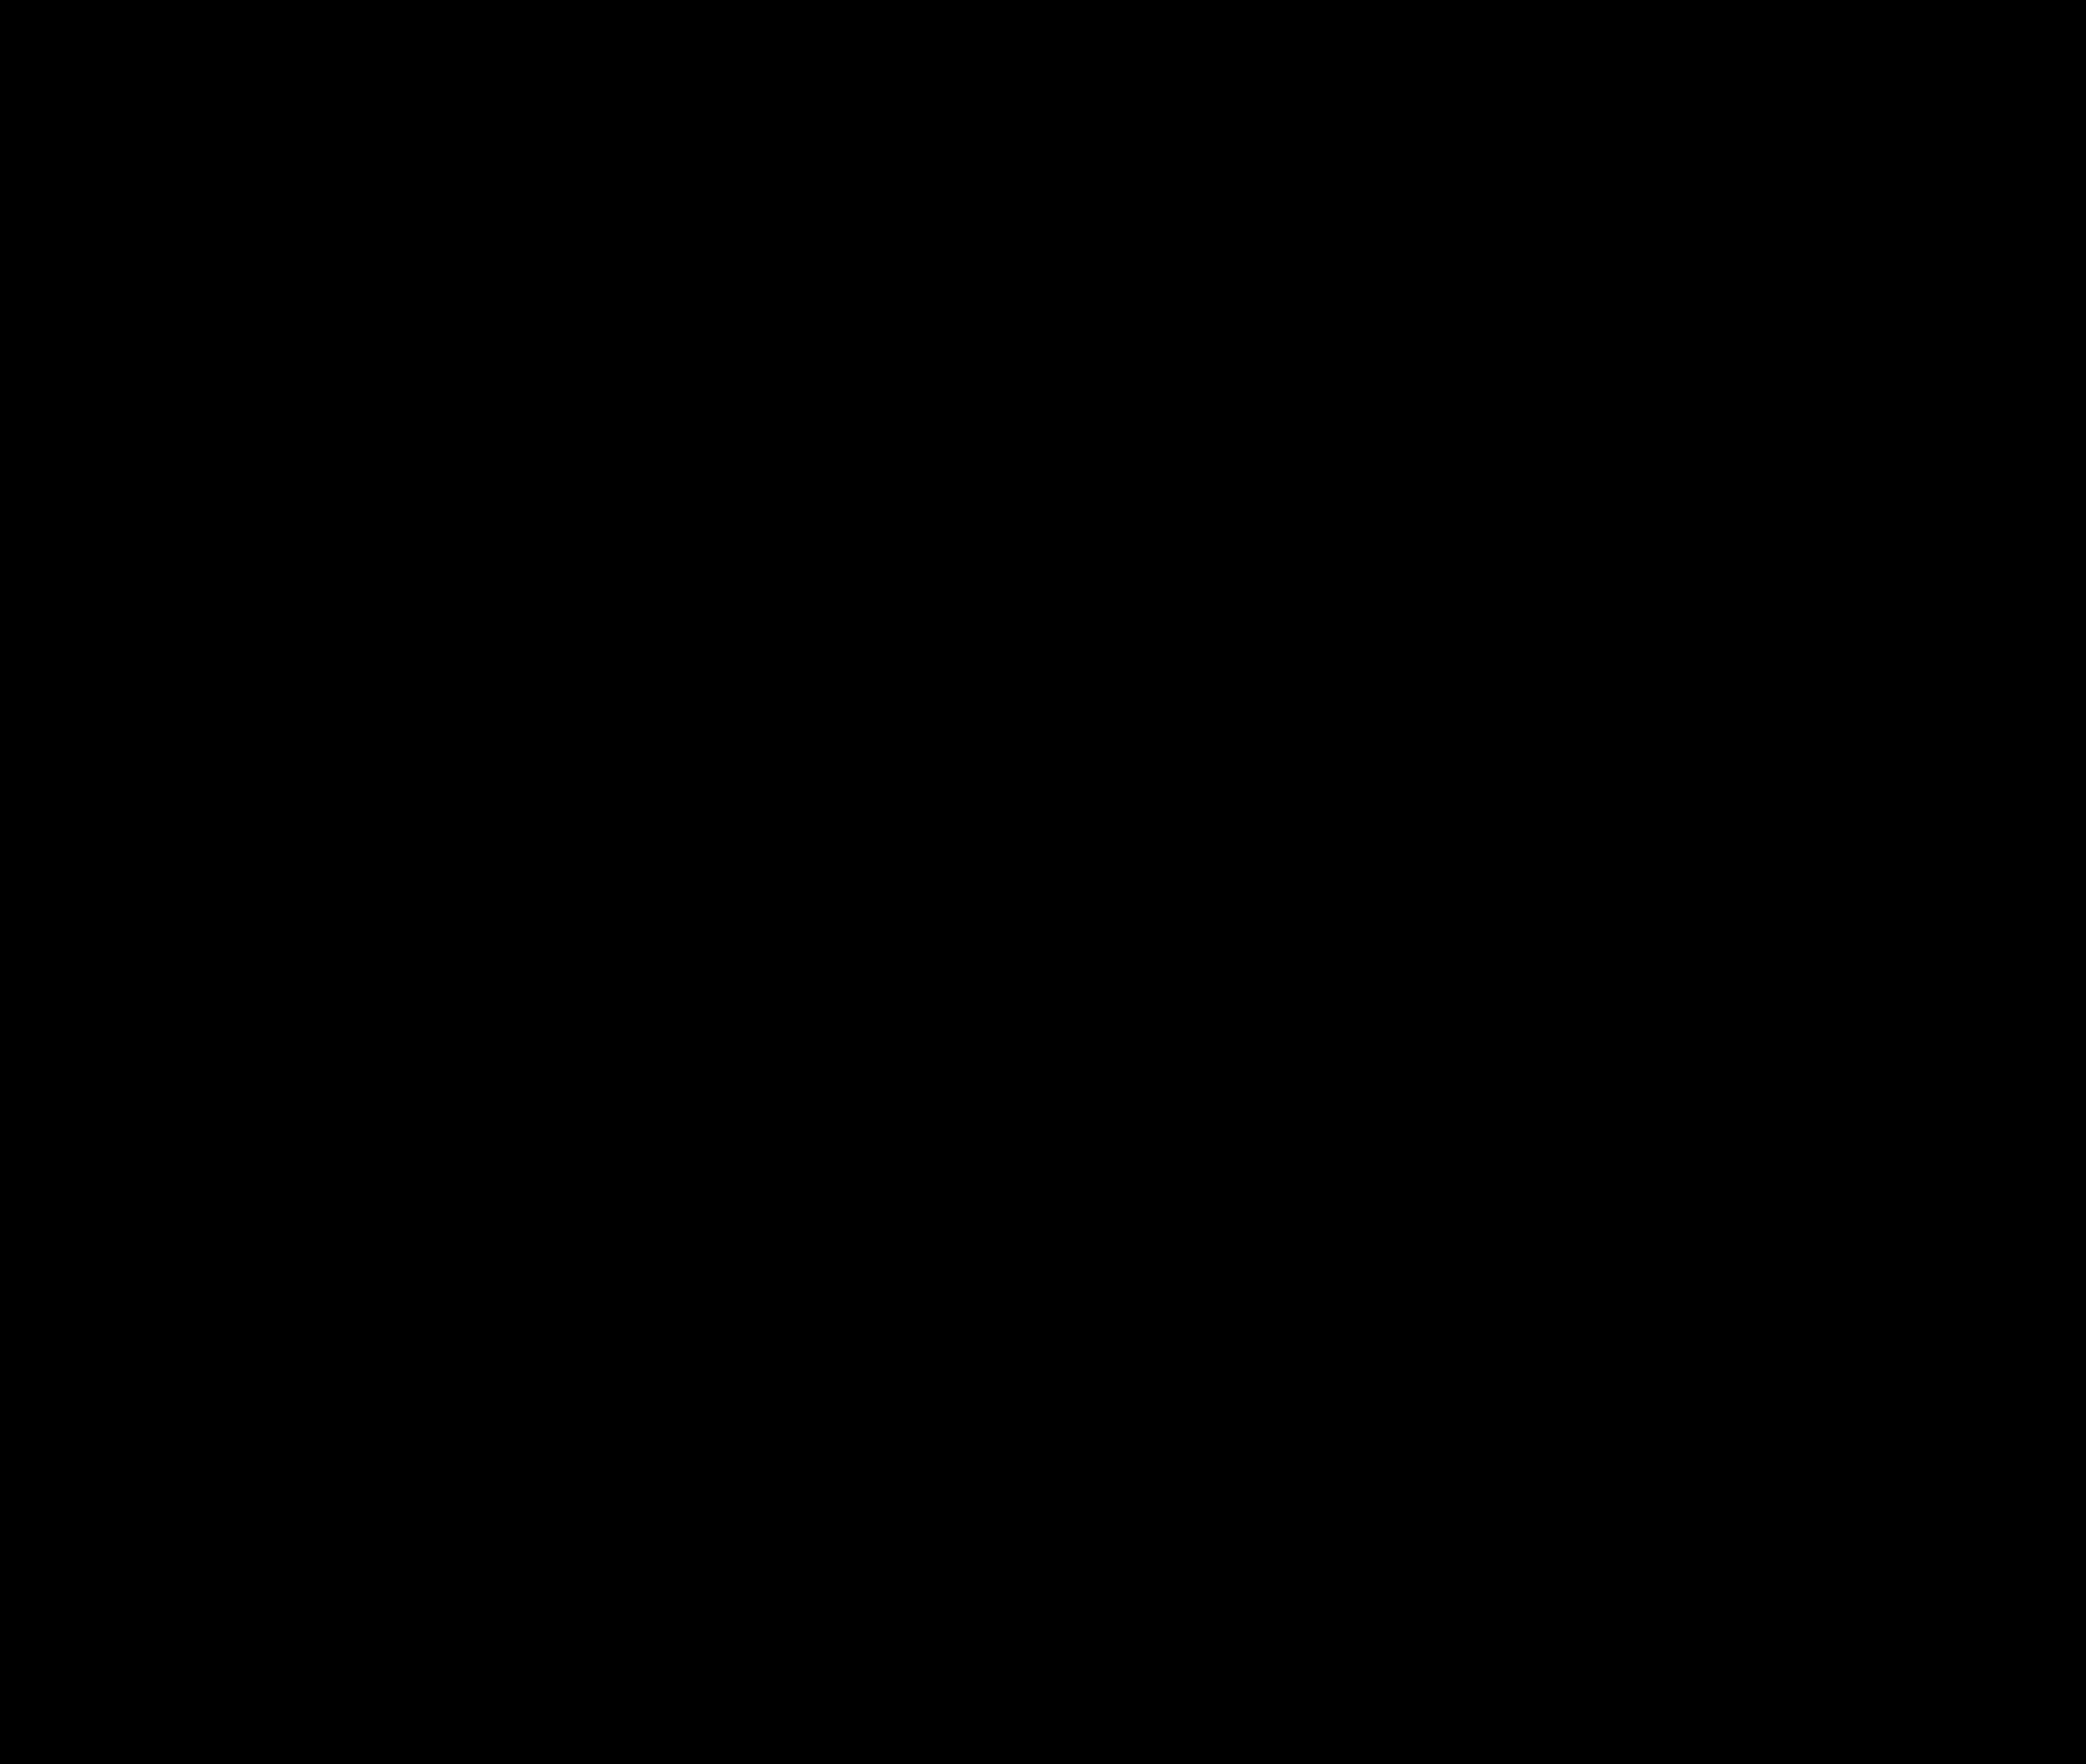 BIG IMAGE (PNG) - Letter K HD PNG